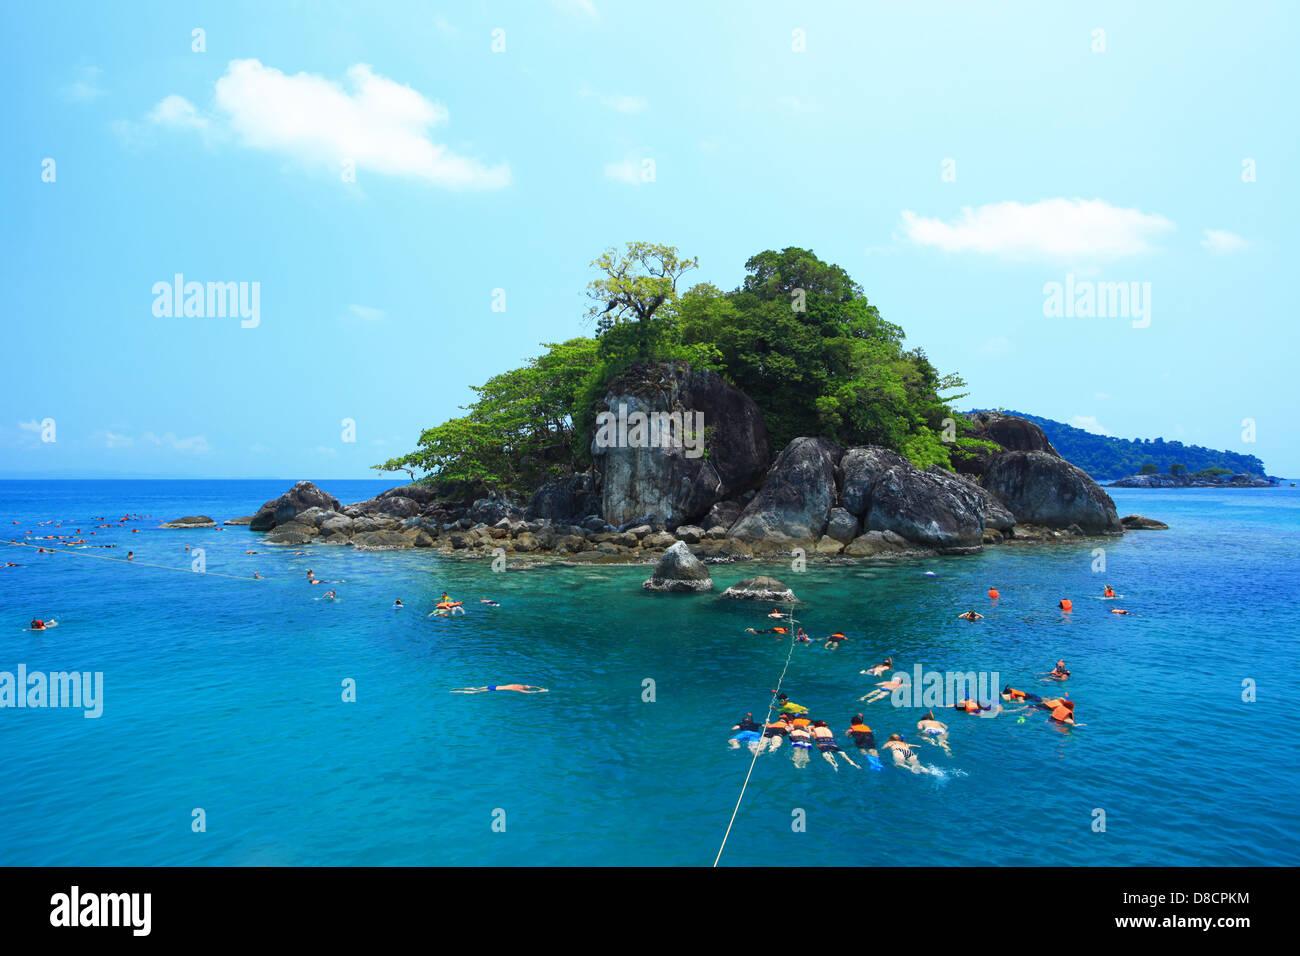 Gruppo Snorkeling viaggi. nei pressi di kho chang isole in Thailandia Immagini Stock